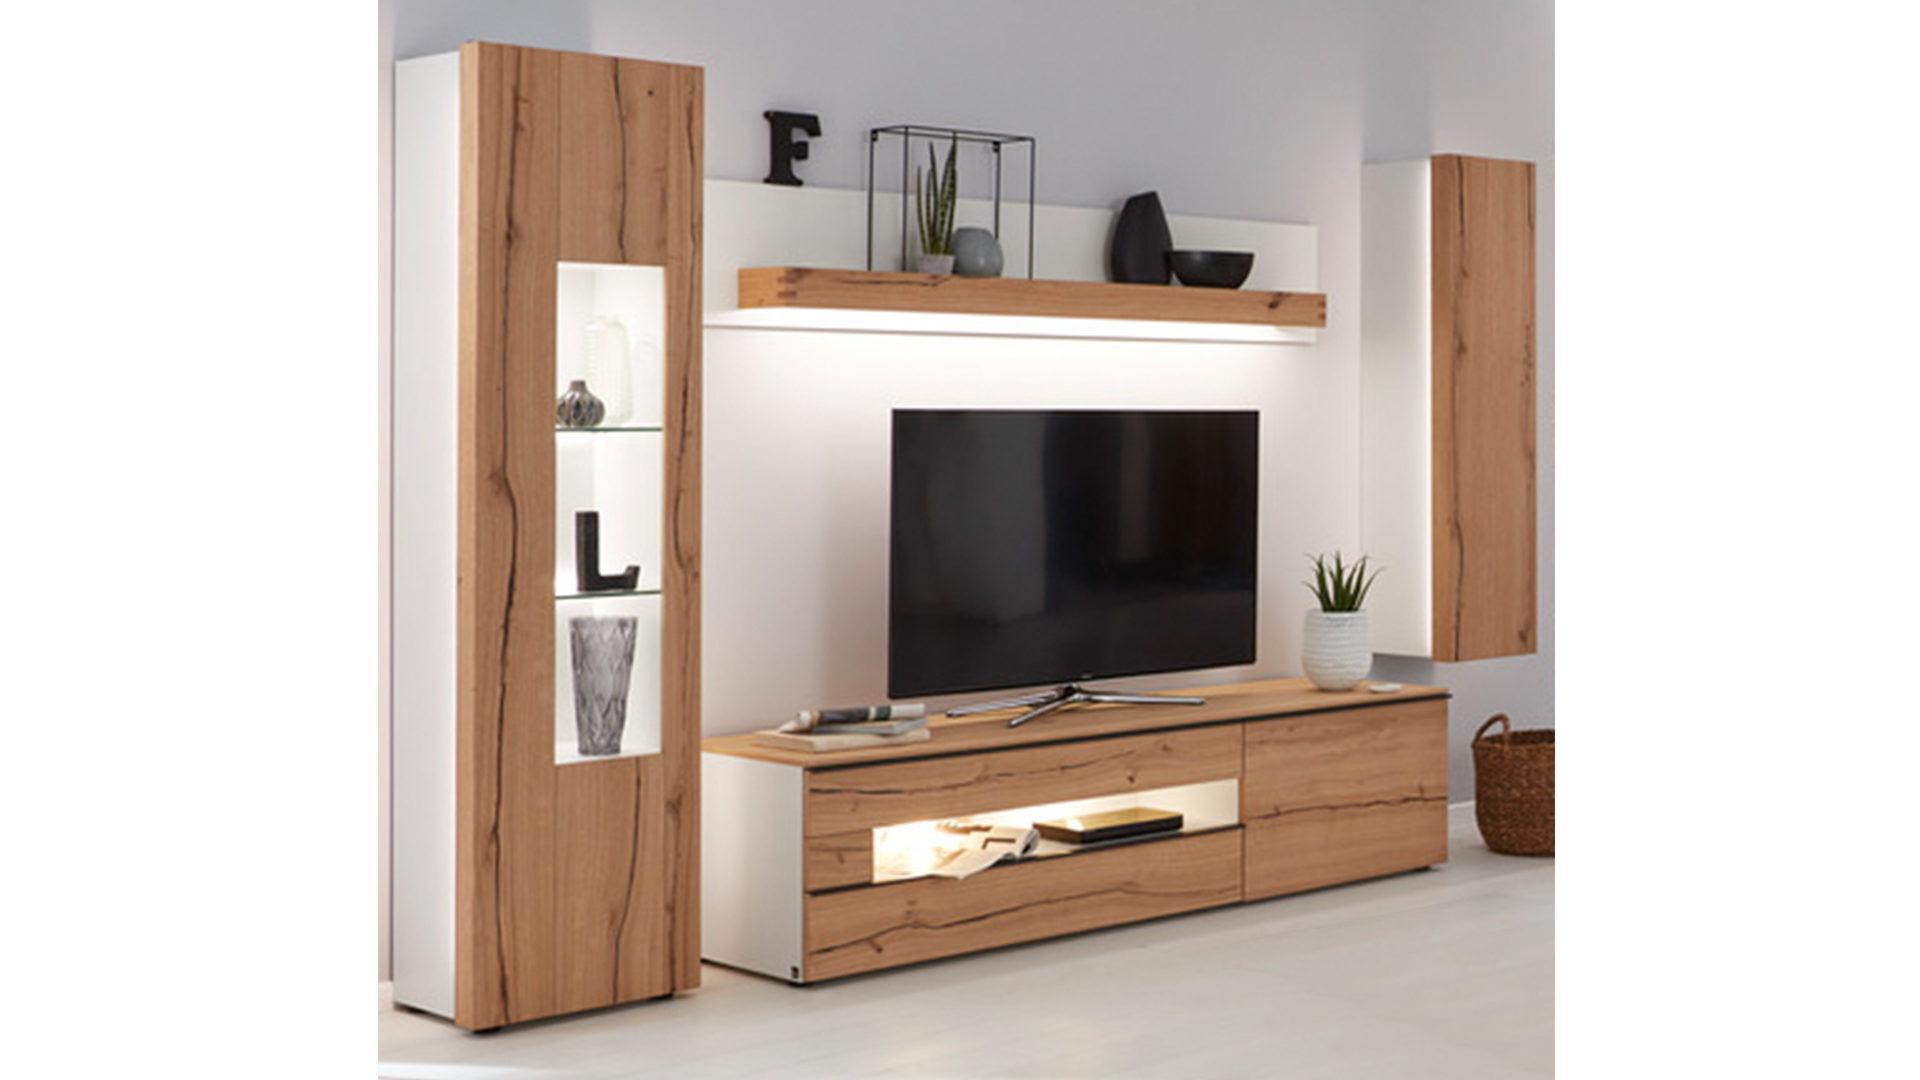 Interliving Wohnzimmer Serie 2103 – Wohnwand 560002F mit Beleuchtung,  mattweißer Lack & Asteiche – vierteilig, Breite ca. 3